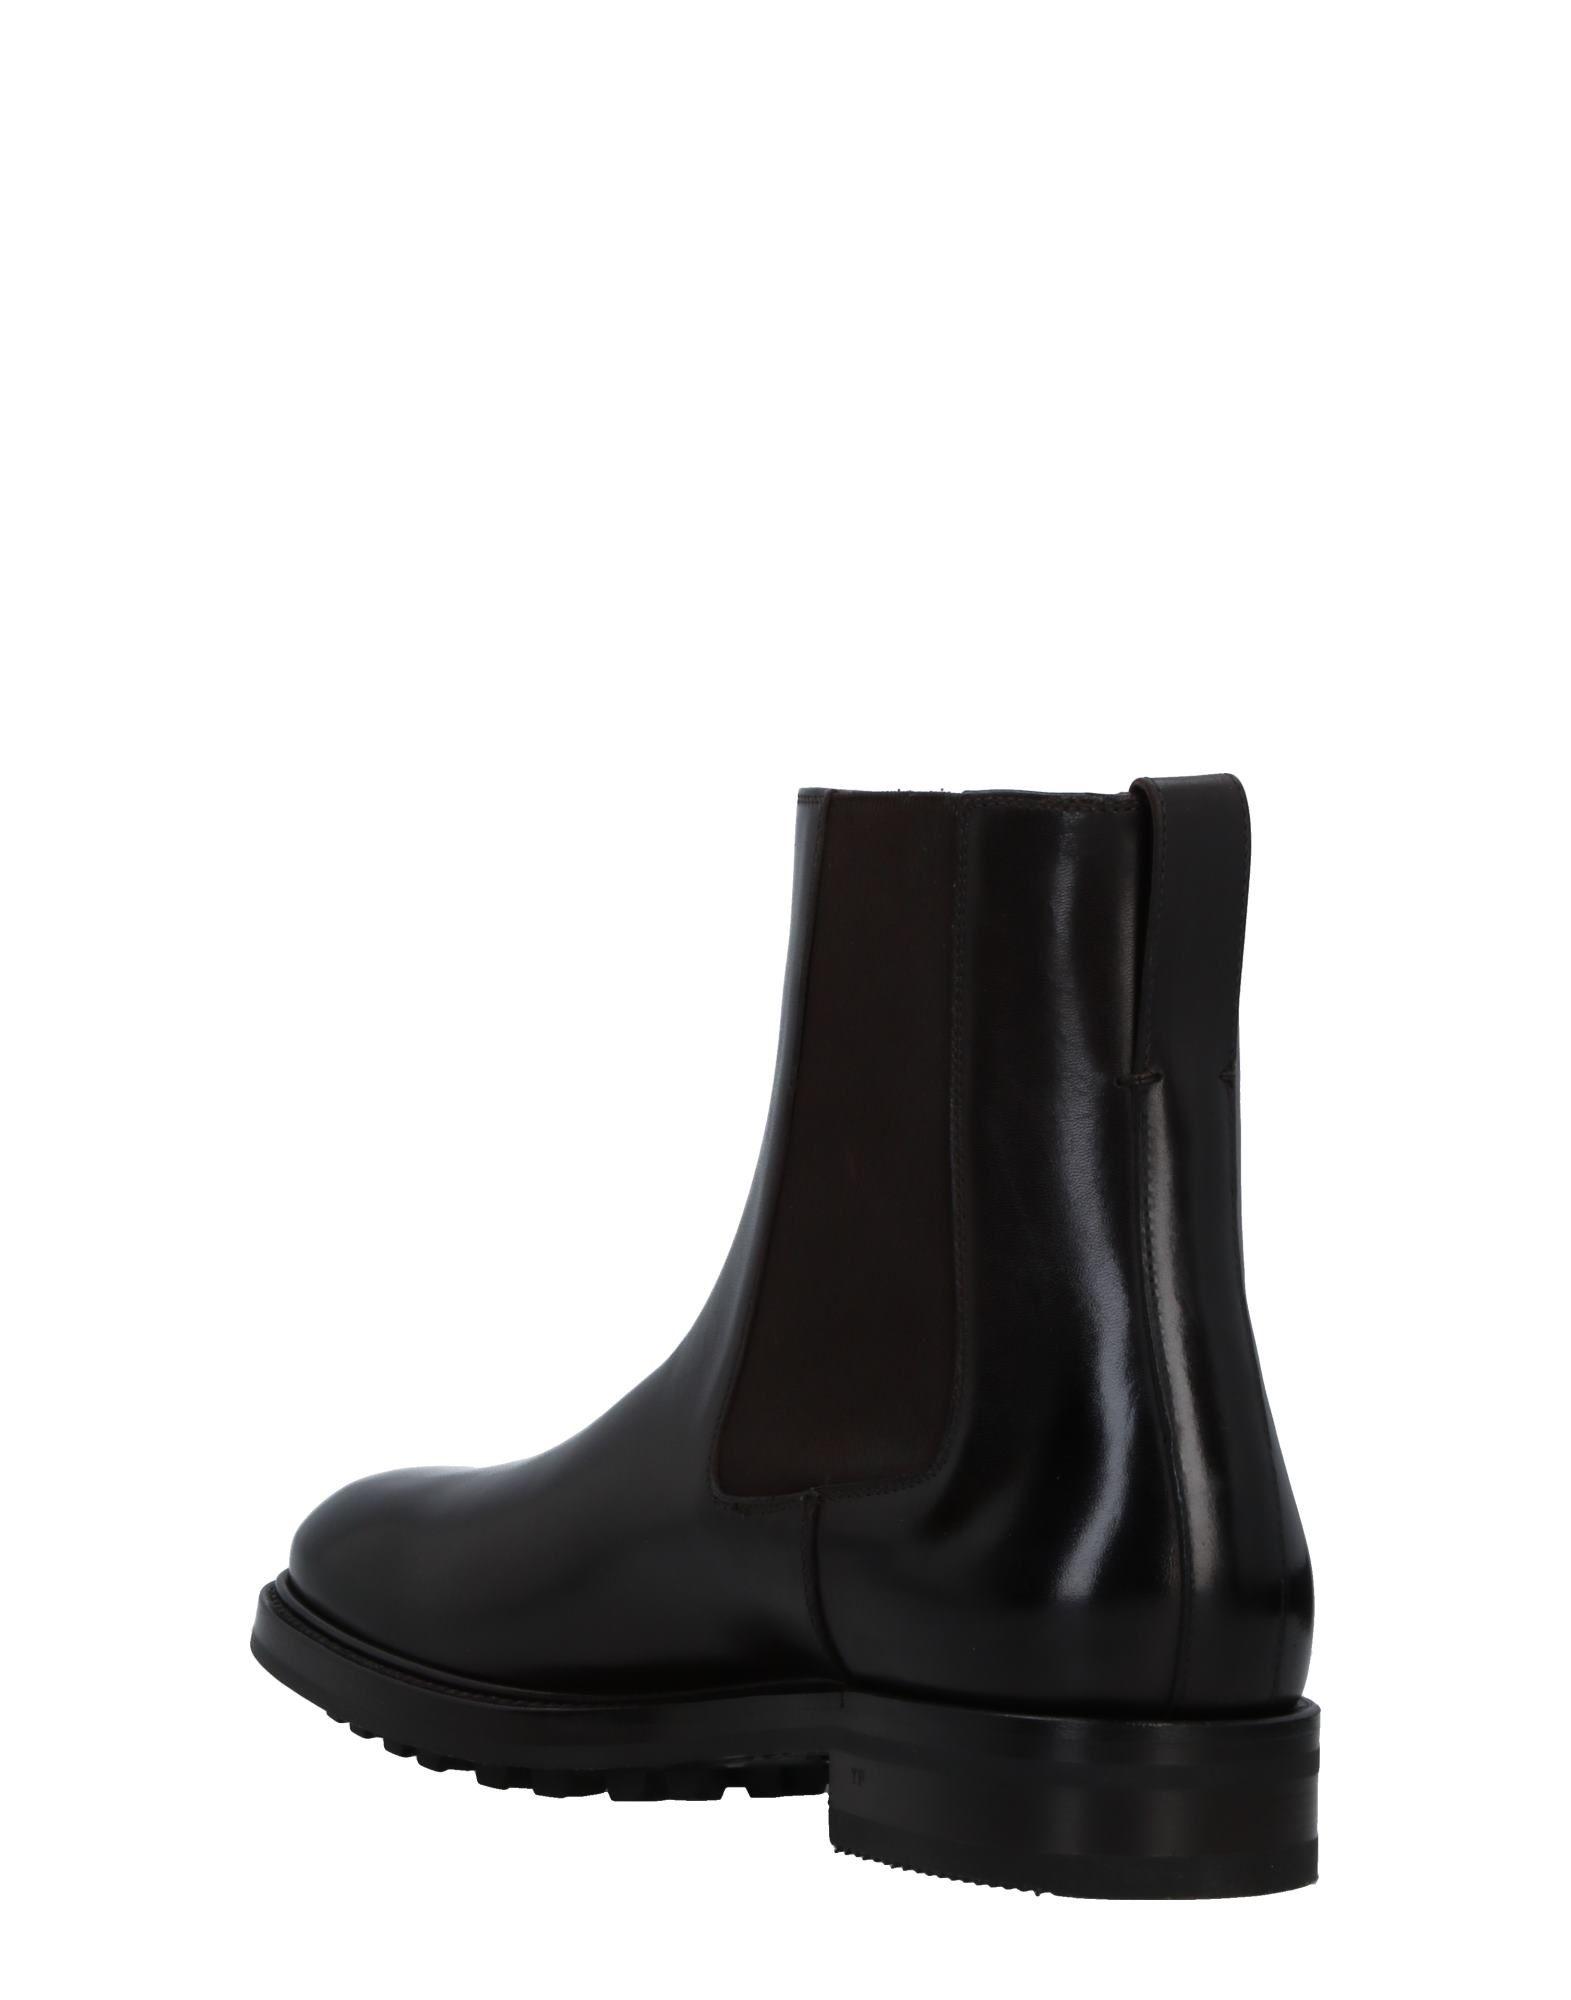 Tom Ford Stiefelette Herren  11517074GB Gute Qualität beliebte Schuhe